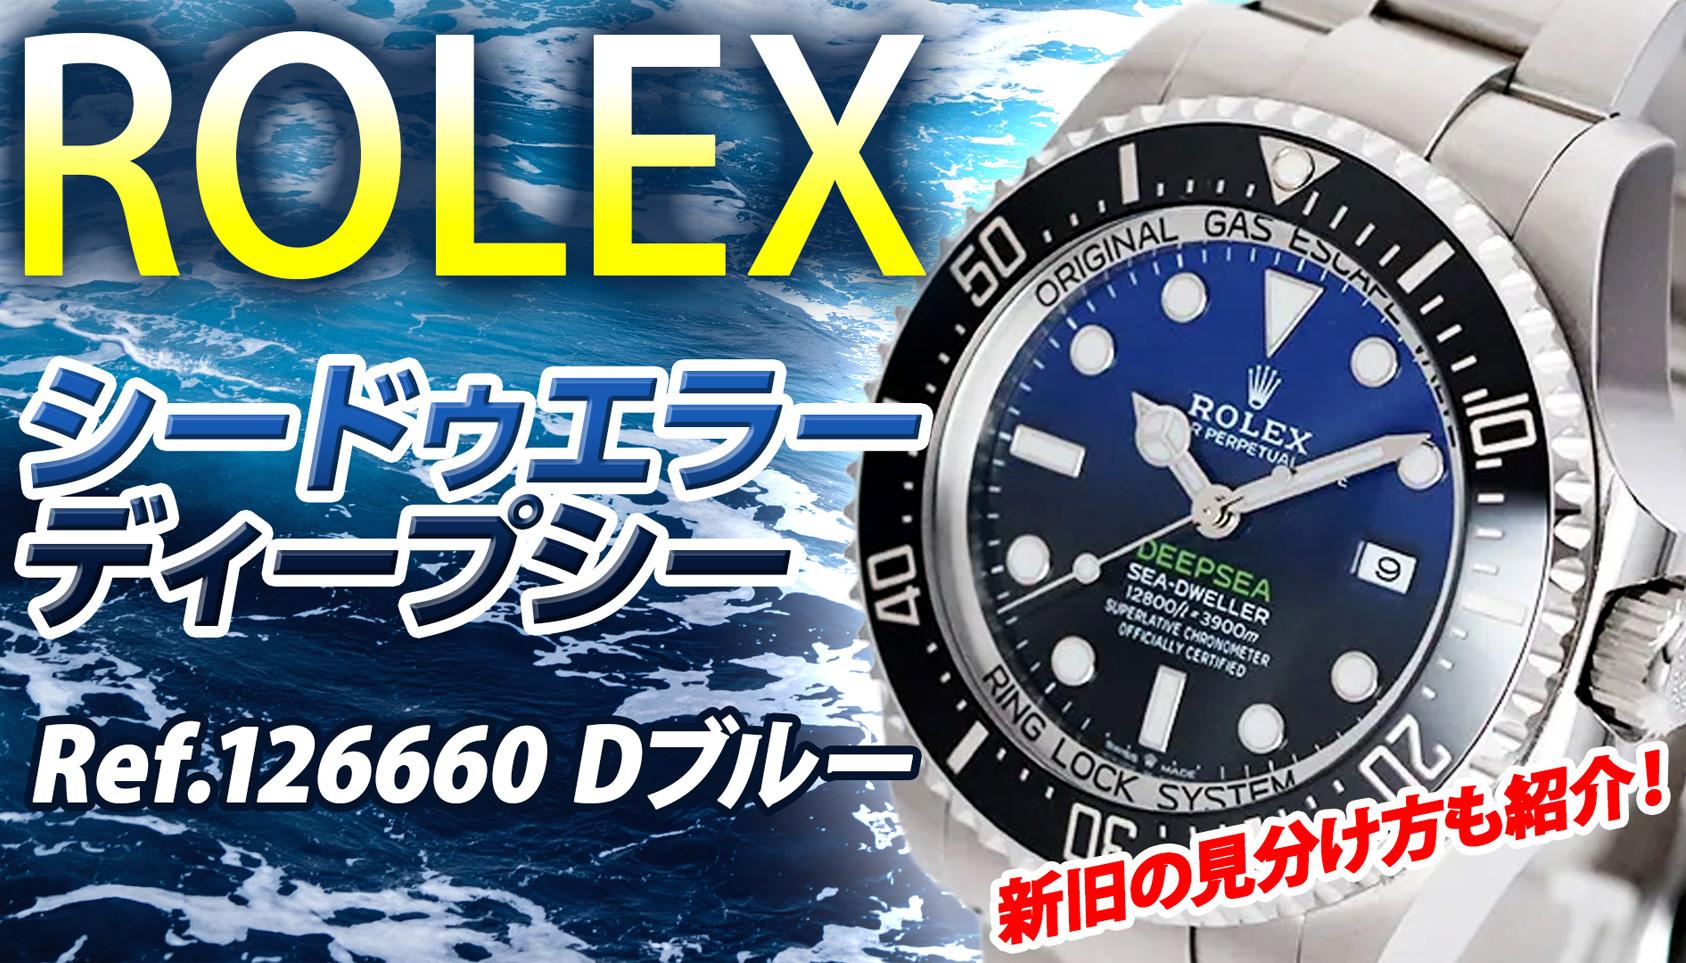 【商品紹介3】ロレックス シードゥエラーディープシー Ref.126660 Dブルー